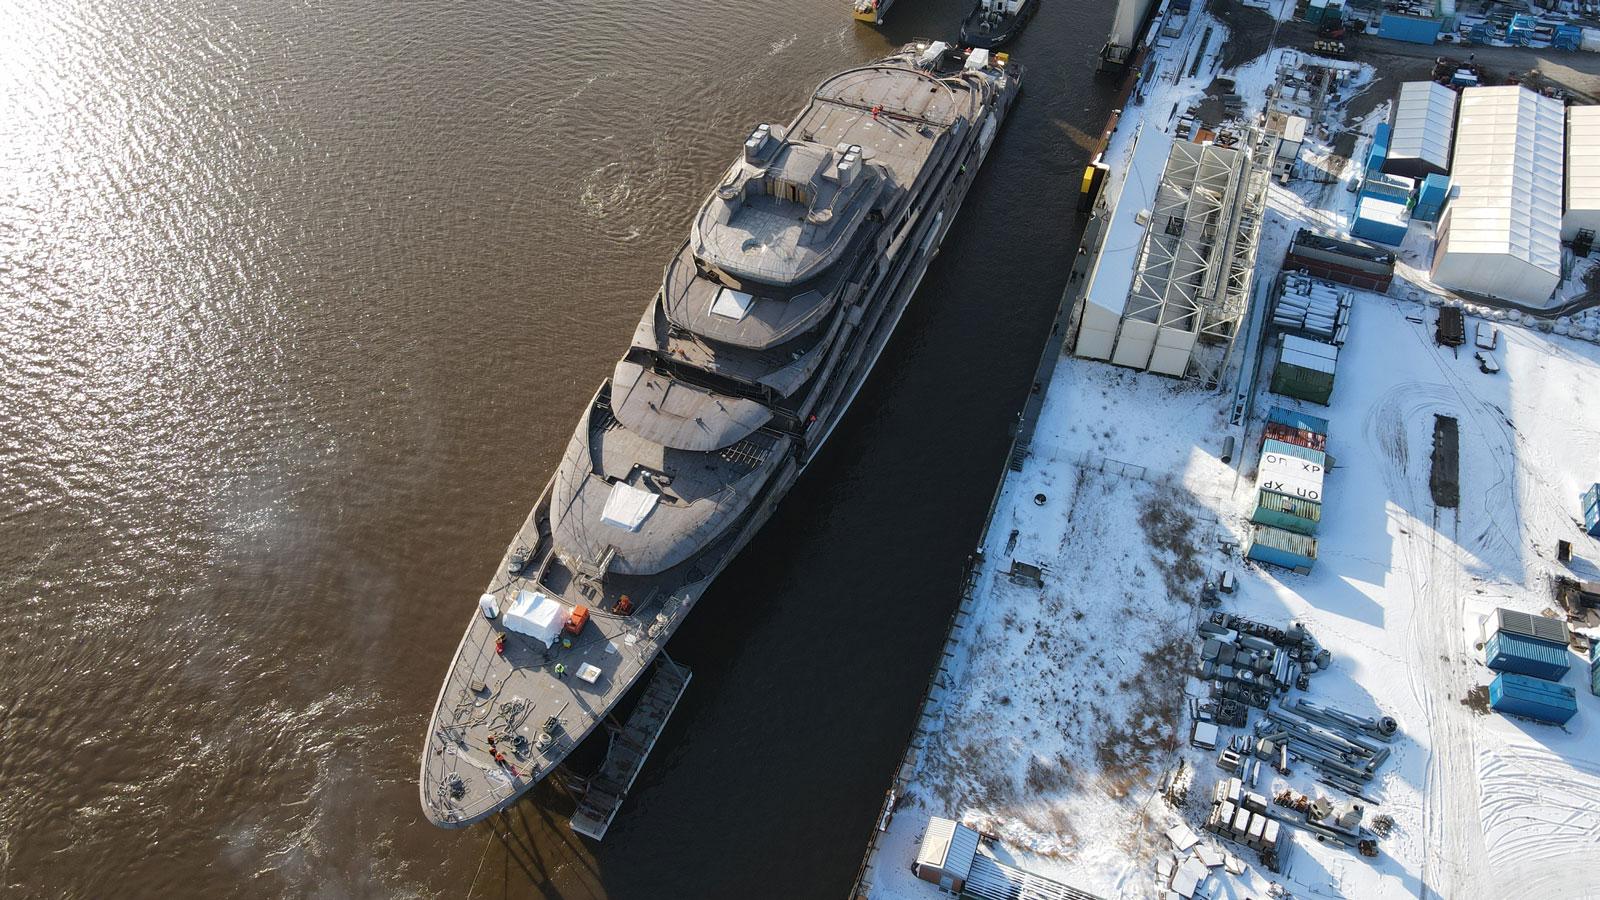 Project Luminance superyacht underway at Lurssen